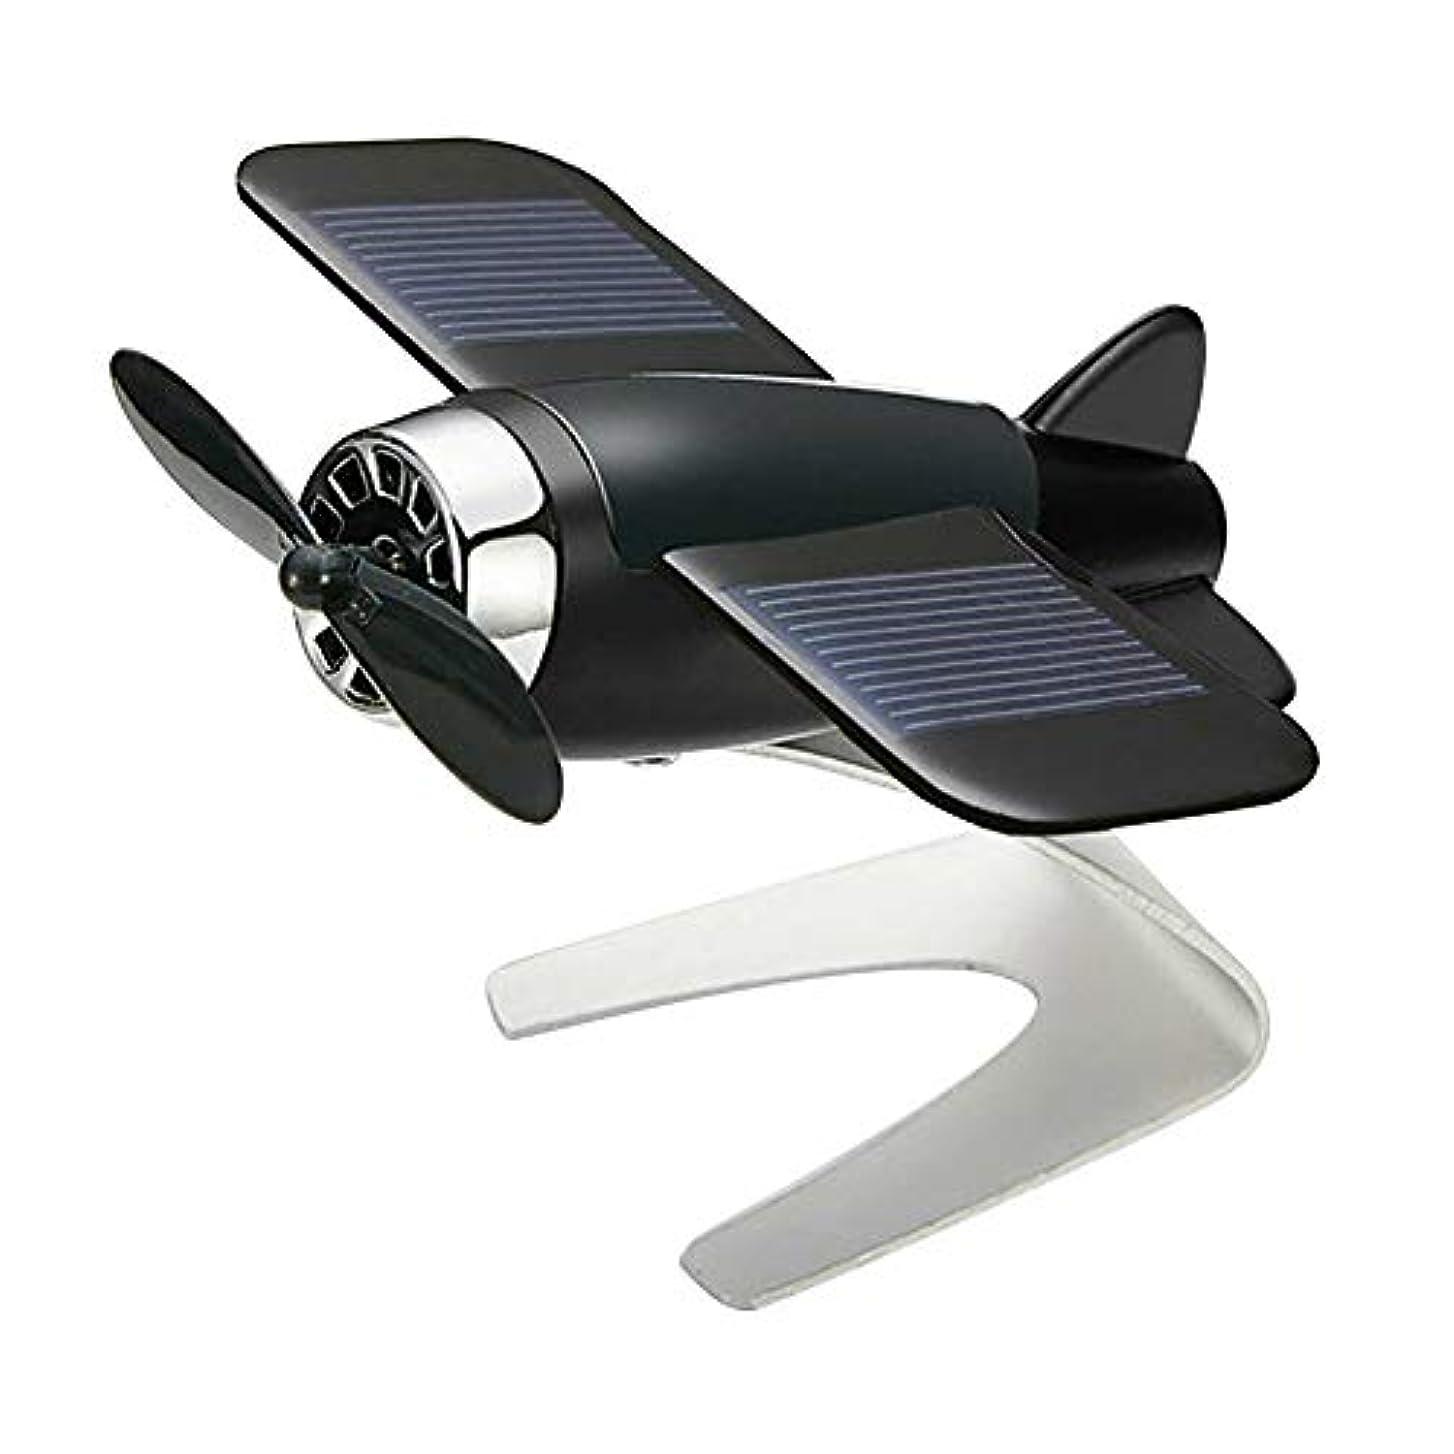 そんなに分離する計算するSymboat 車の芳香剤飛行機航空機モデル太陽エネルギーアロマテラピー室内装飾